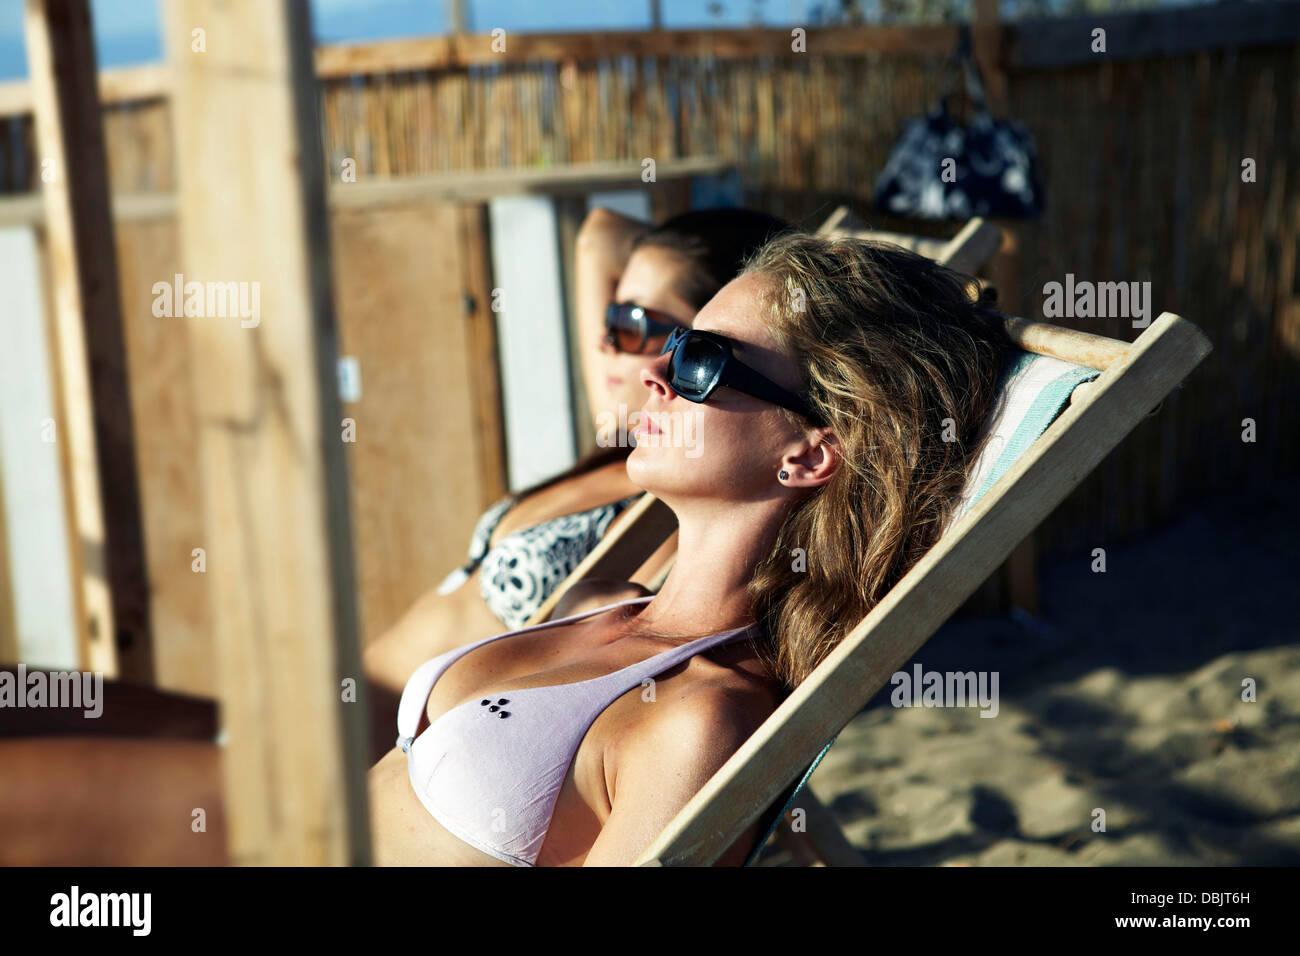 Young Women Sunbathing On Beach - Stock Image